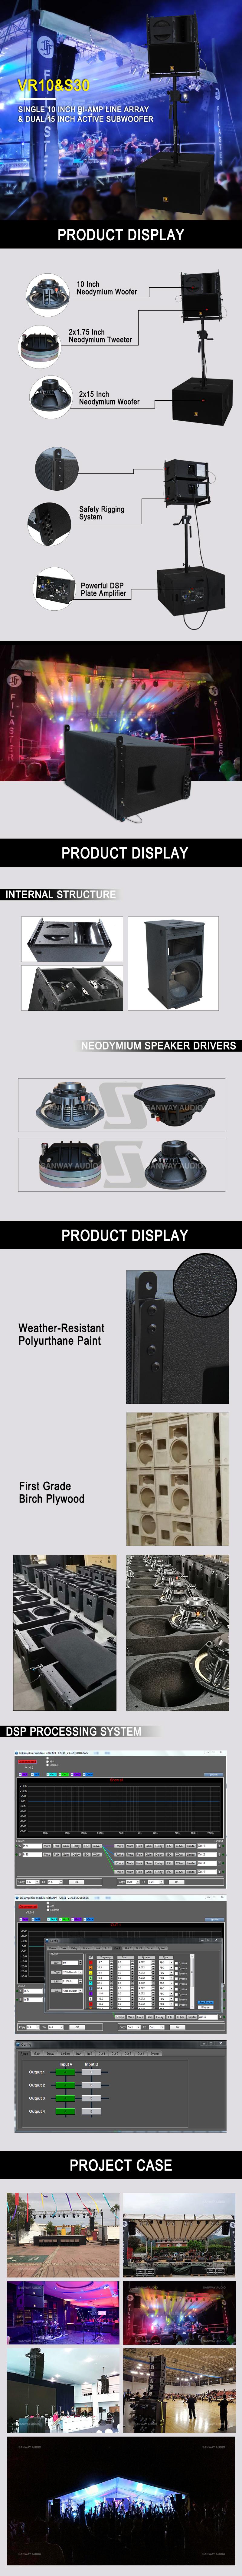 VR10&S30 active speaker system details